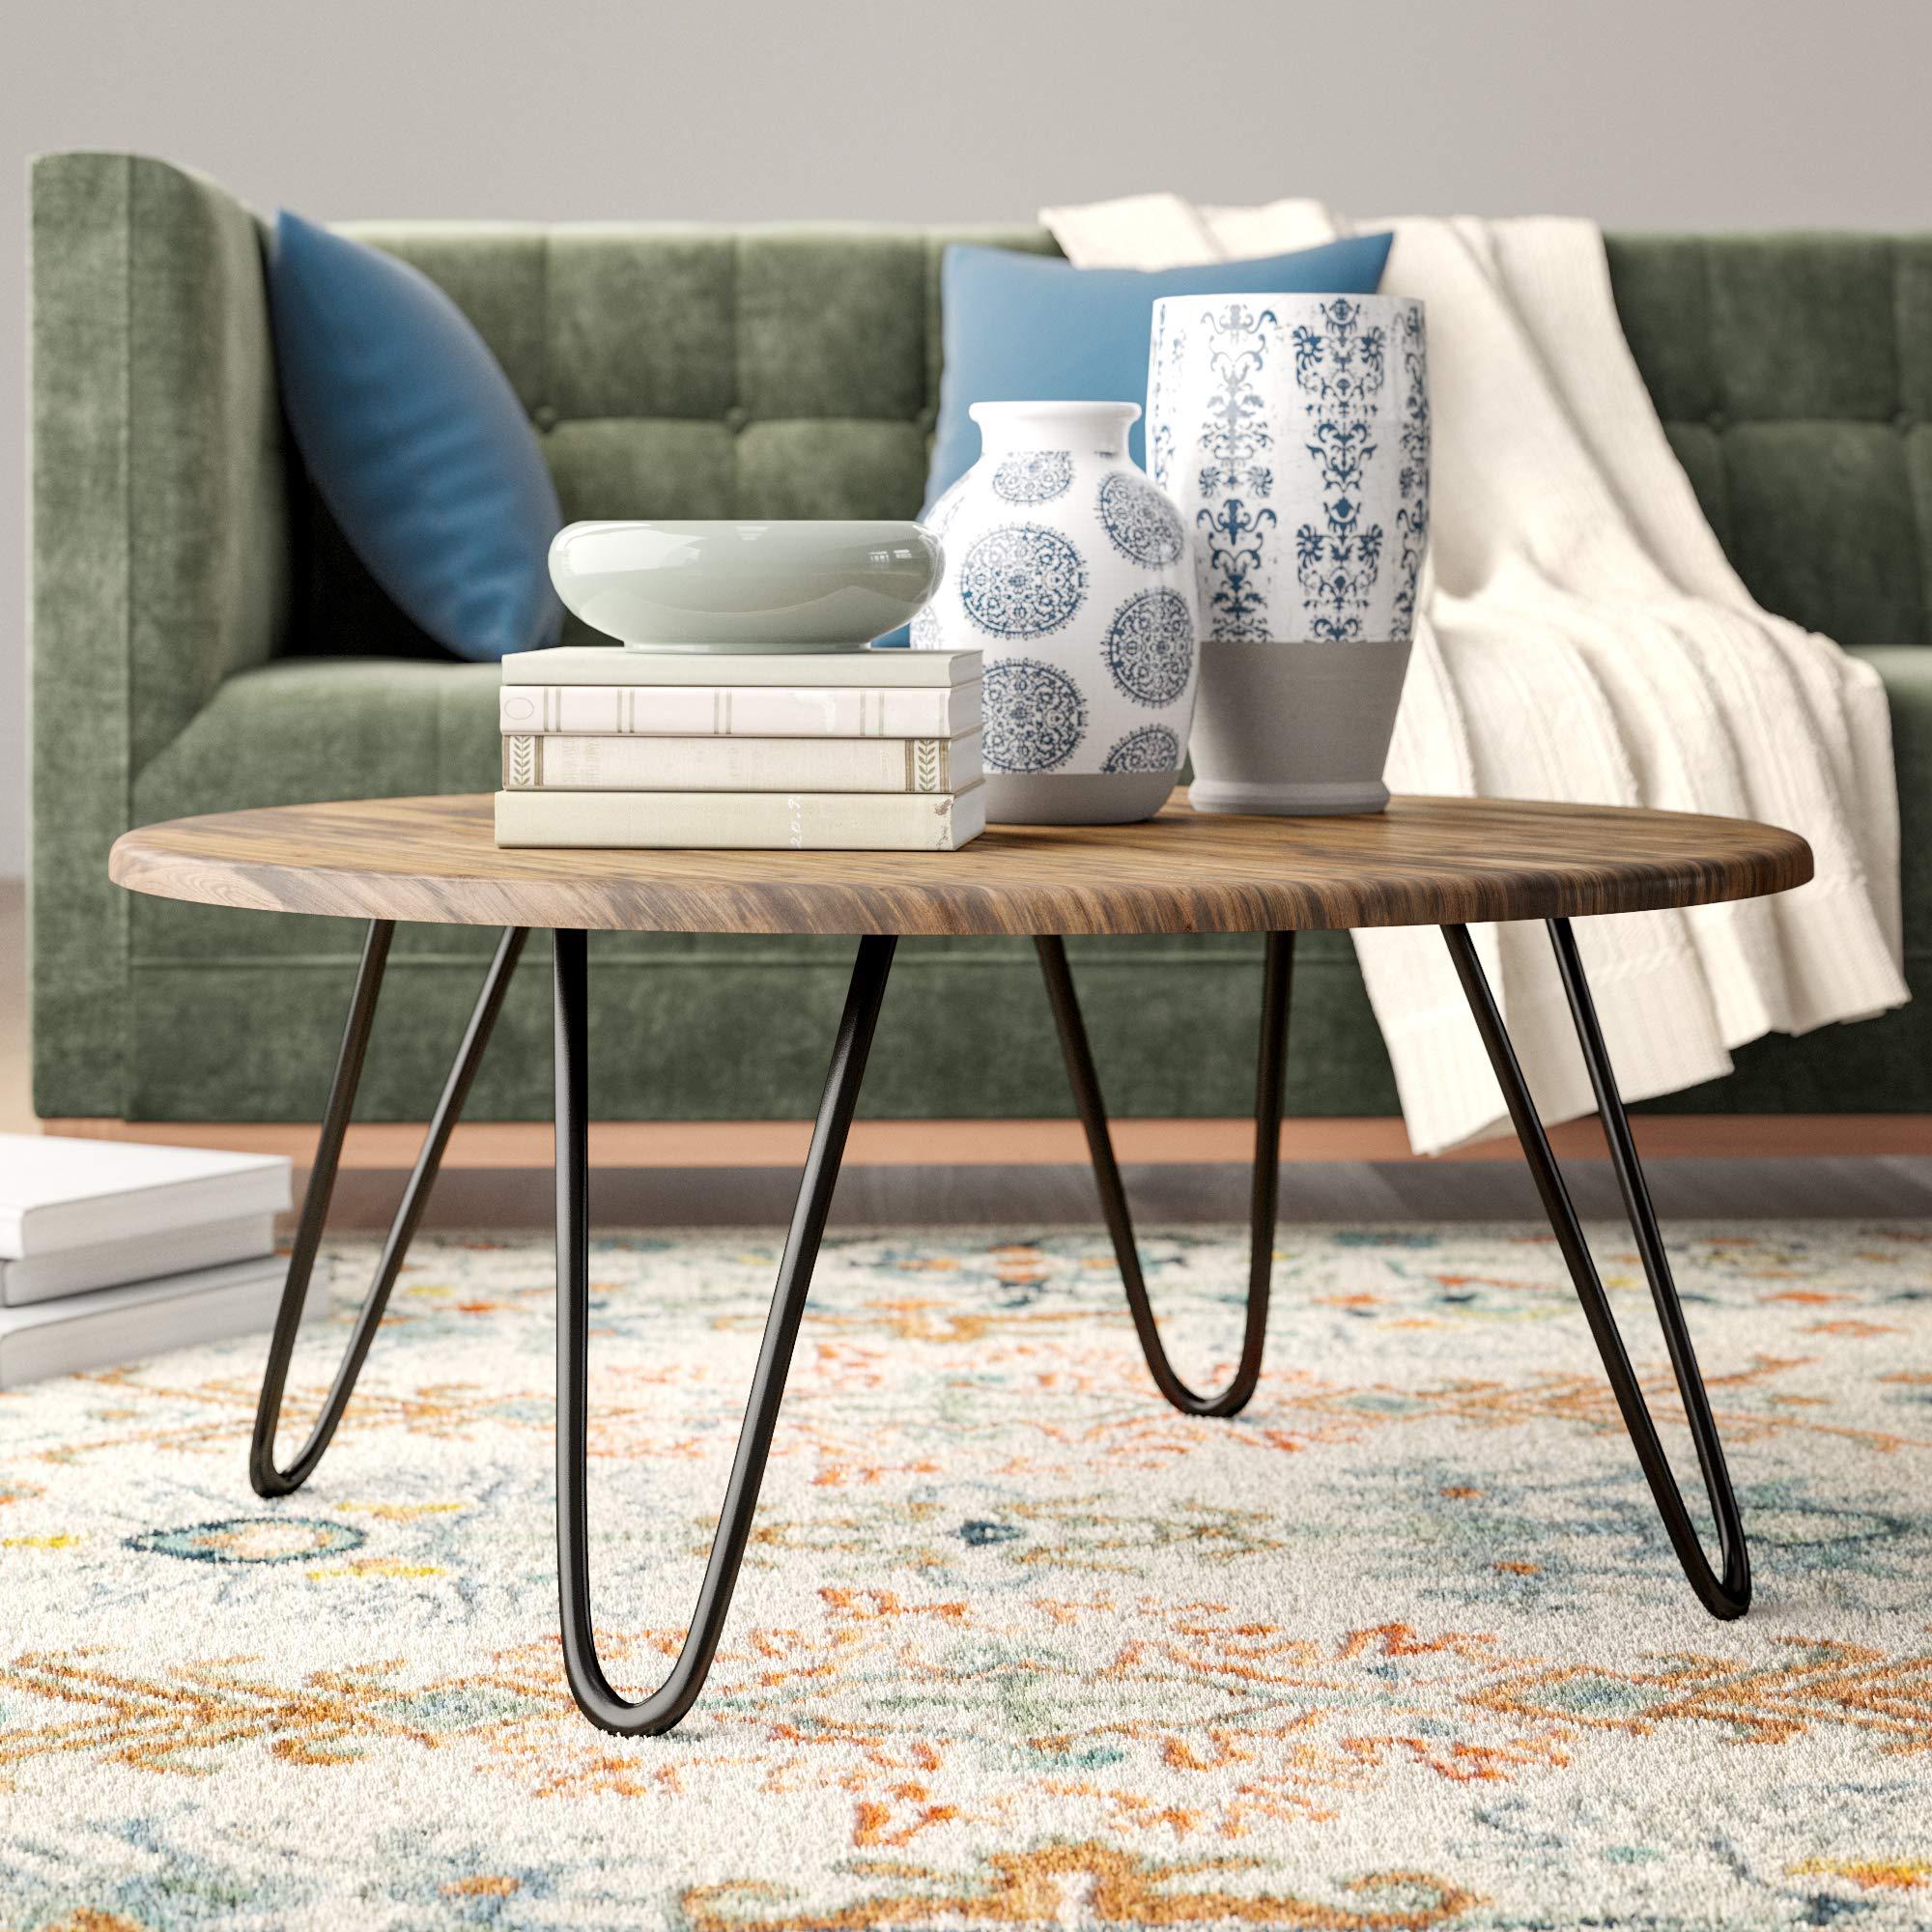 - Aspect Brockton Round Coffee Table, Wood, Vintage 1, 80 X 80 X 35